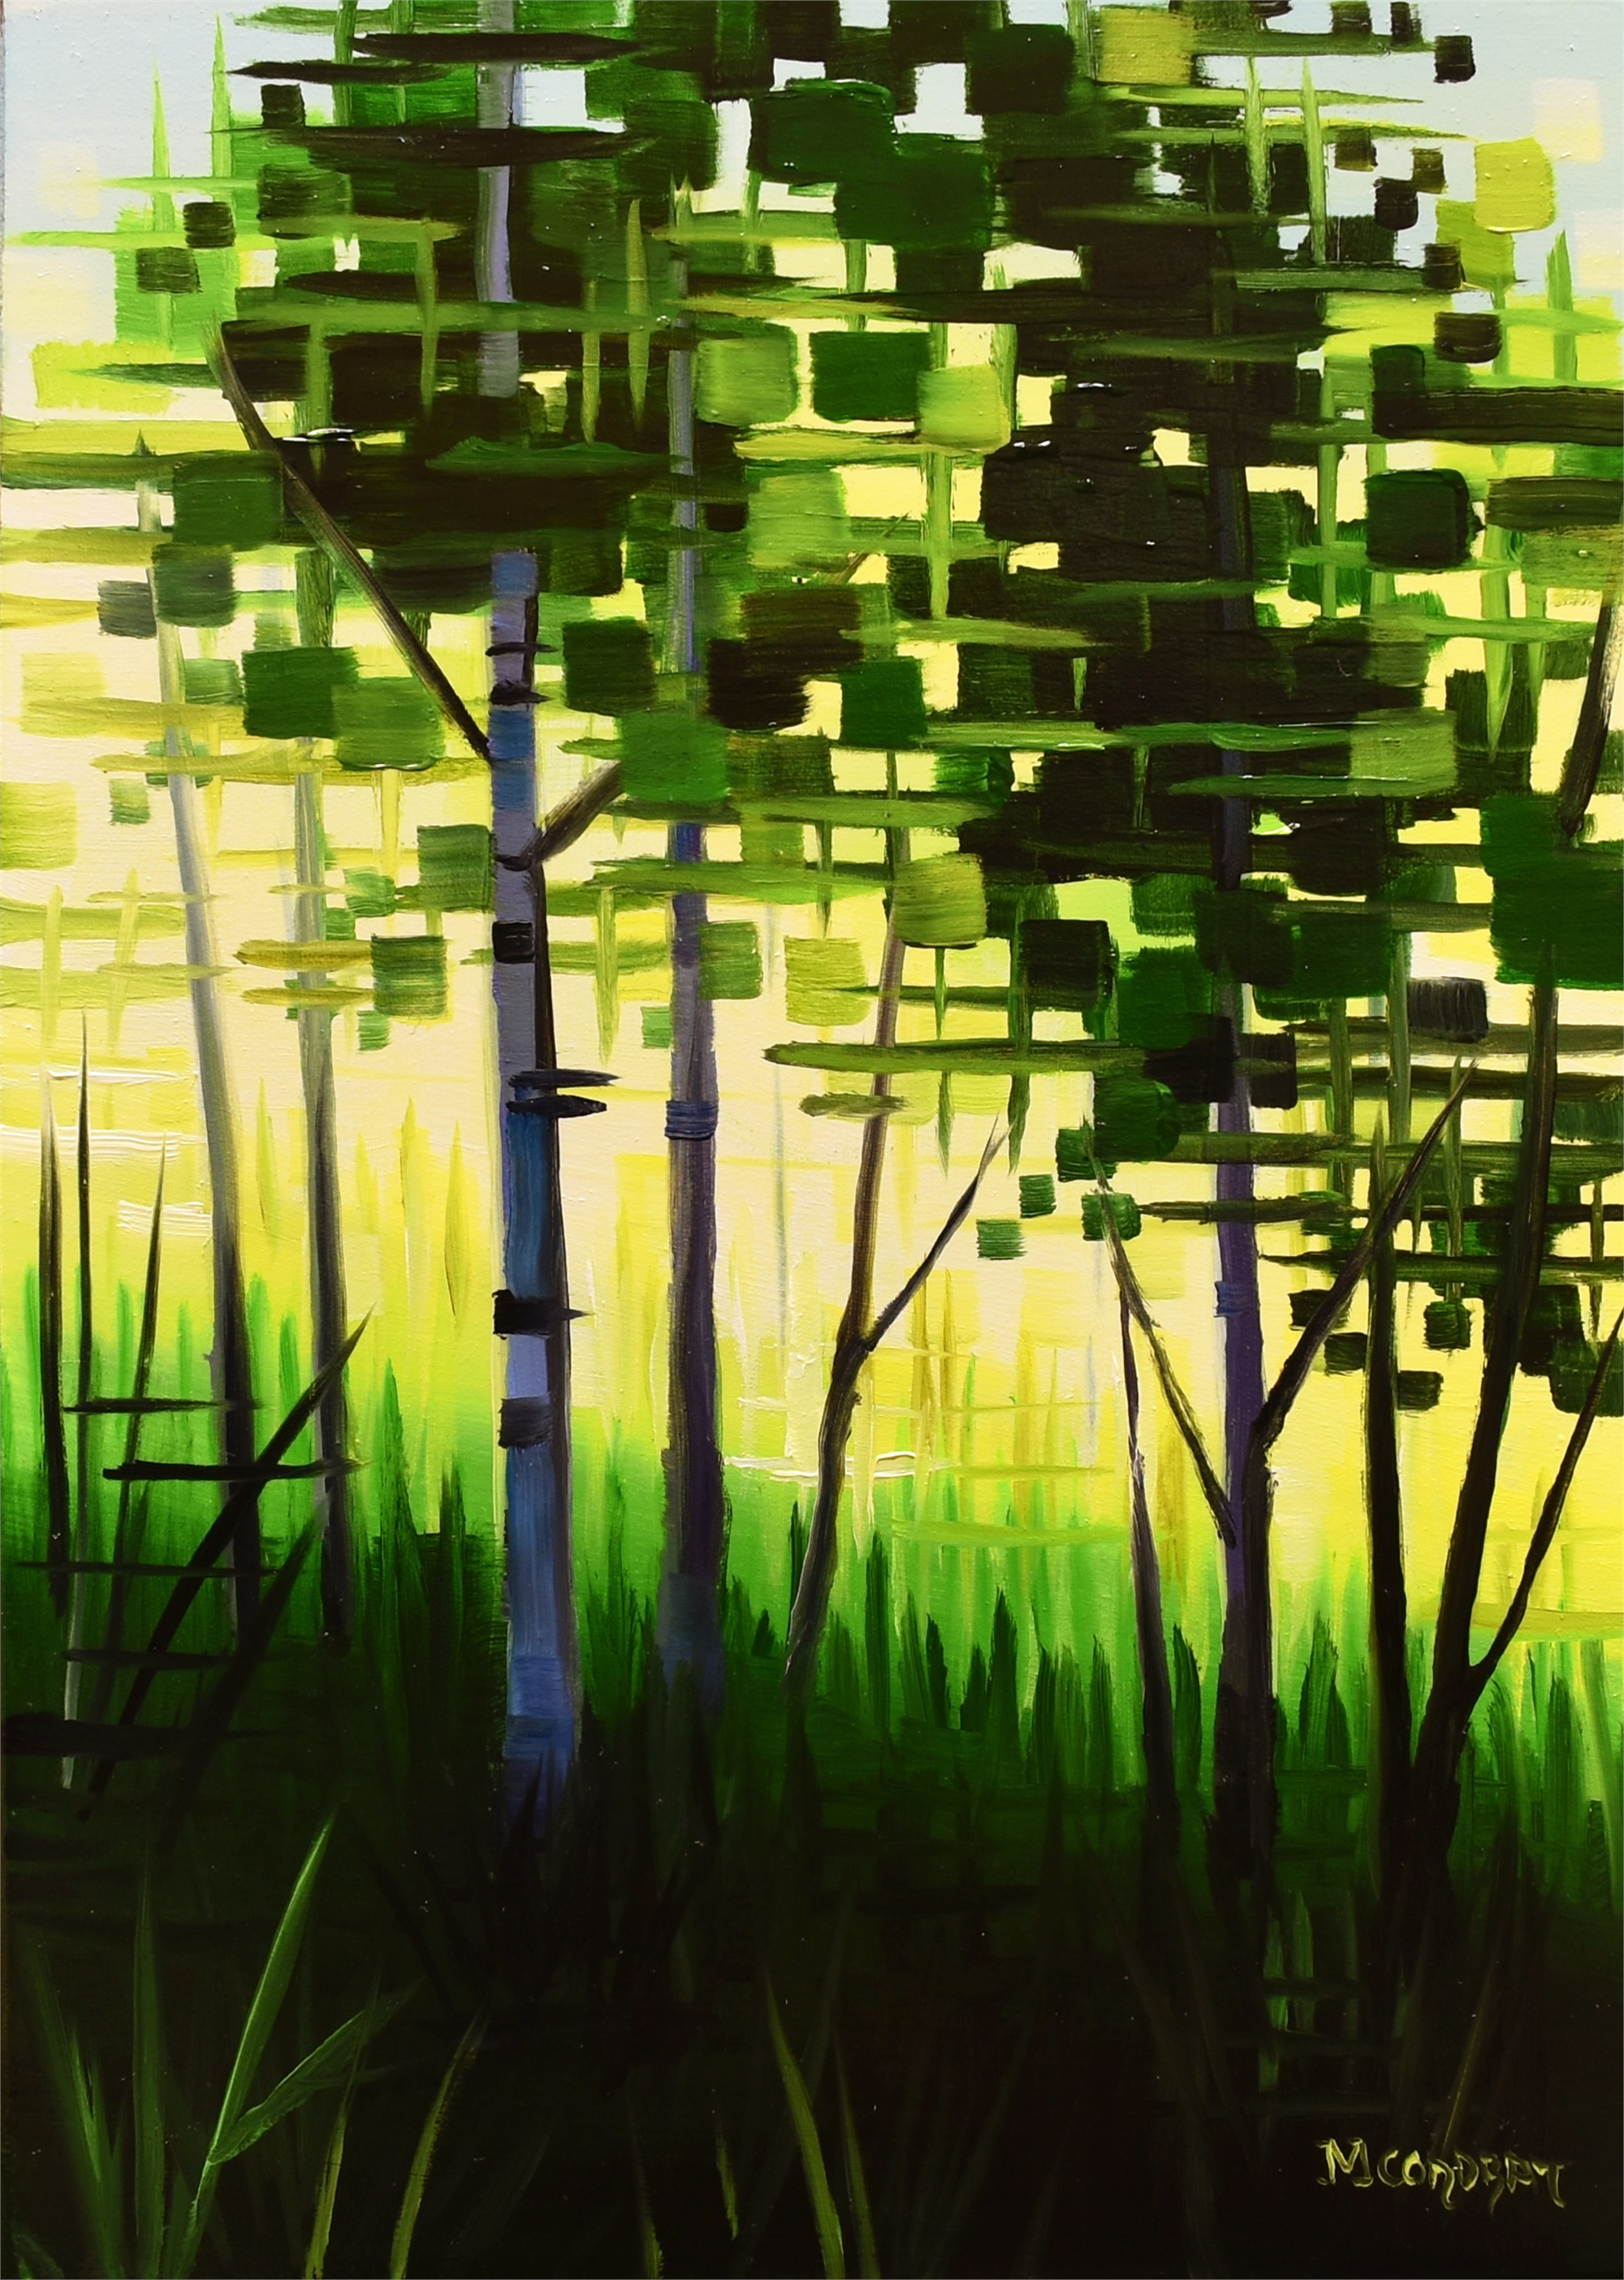 Neon Grove by Michelle Condrat